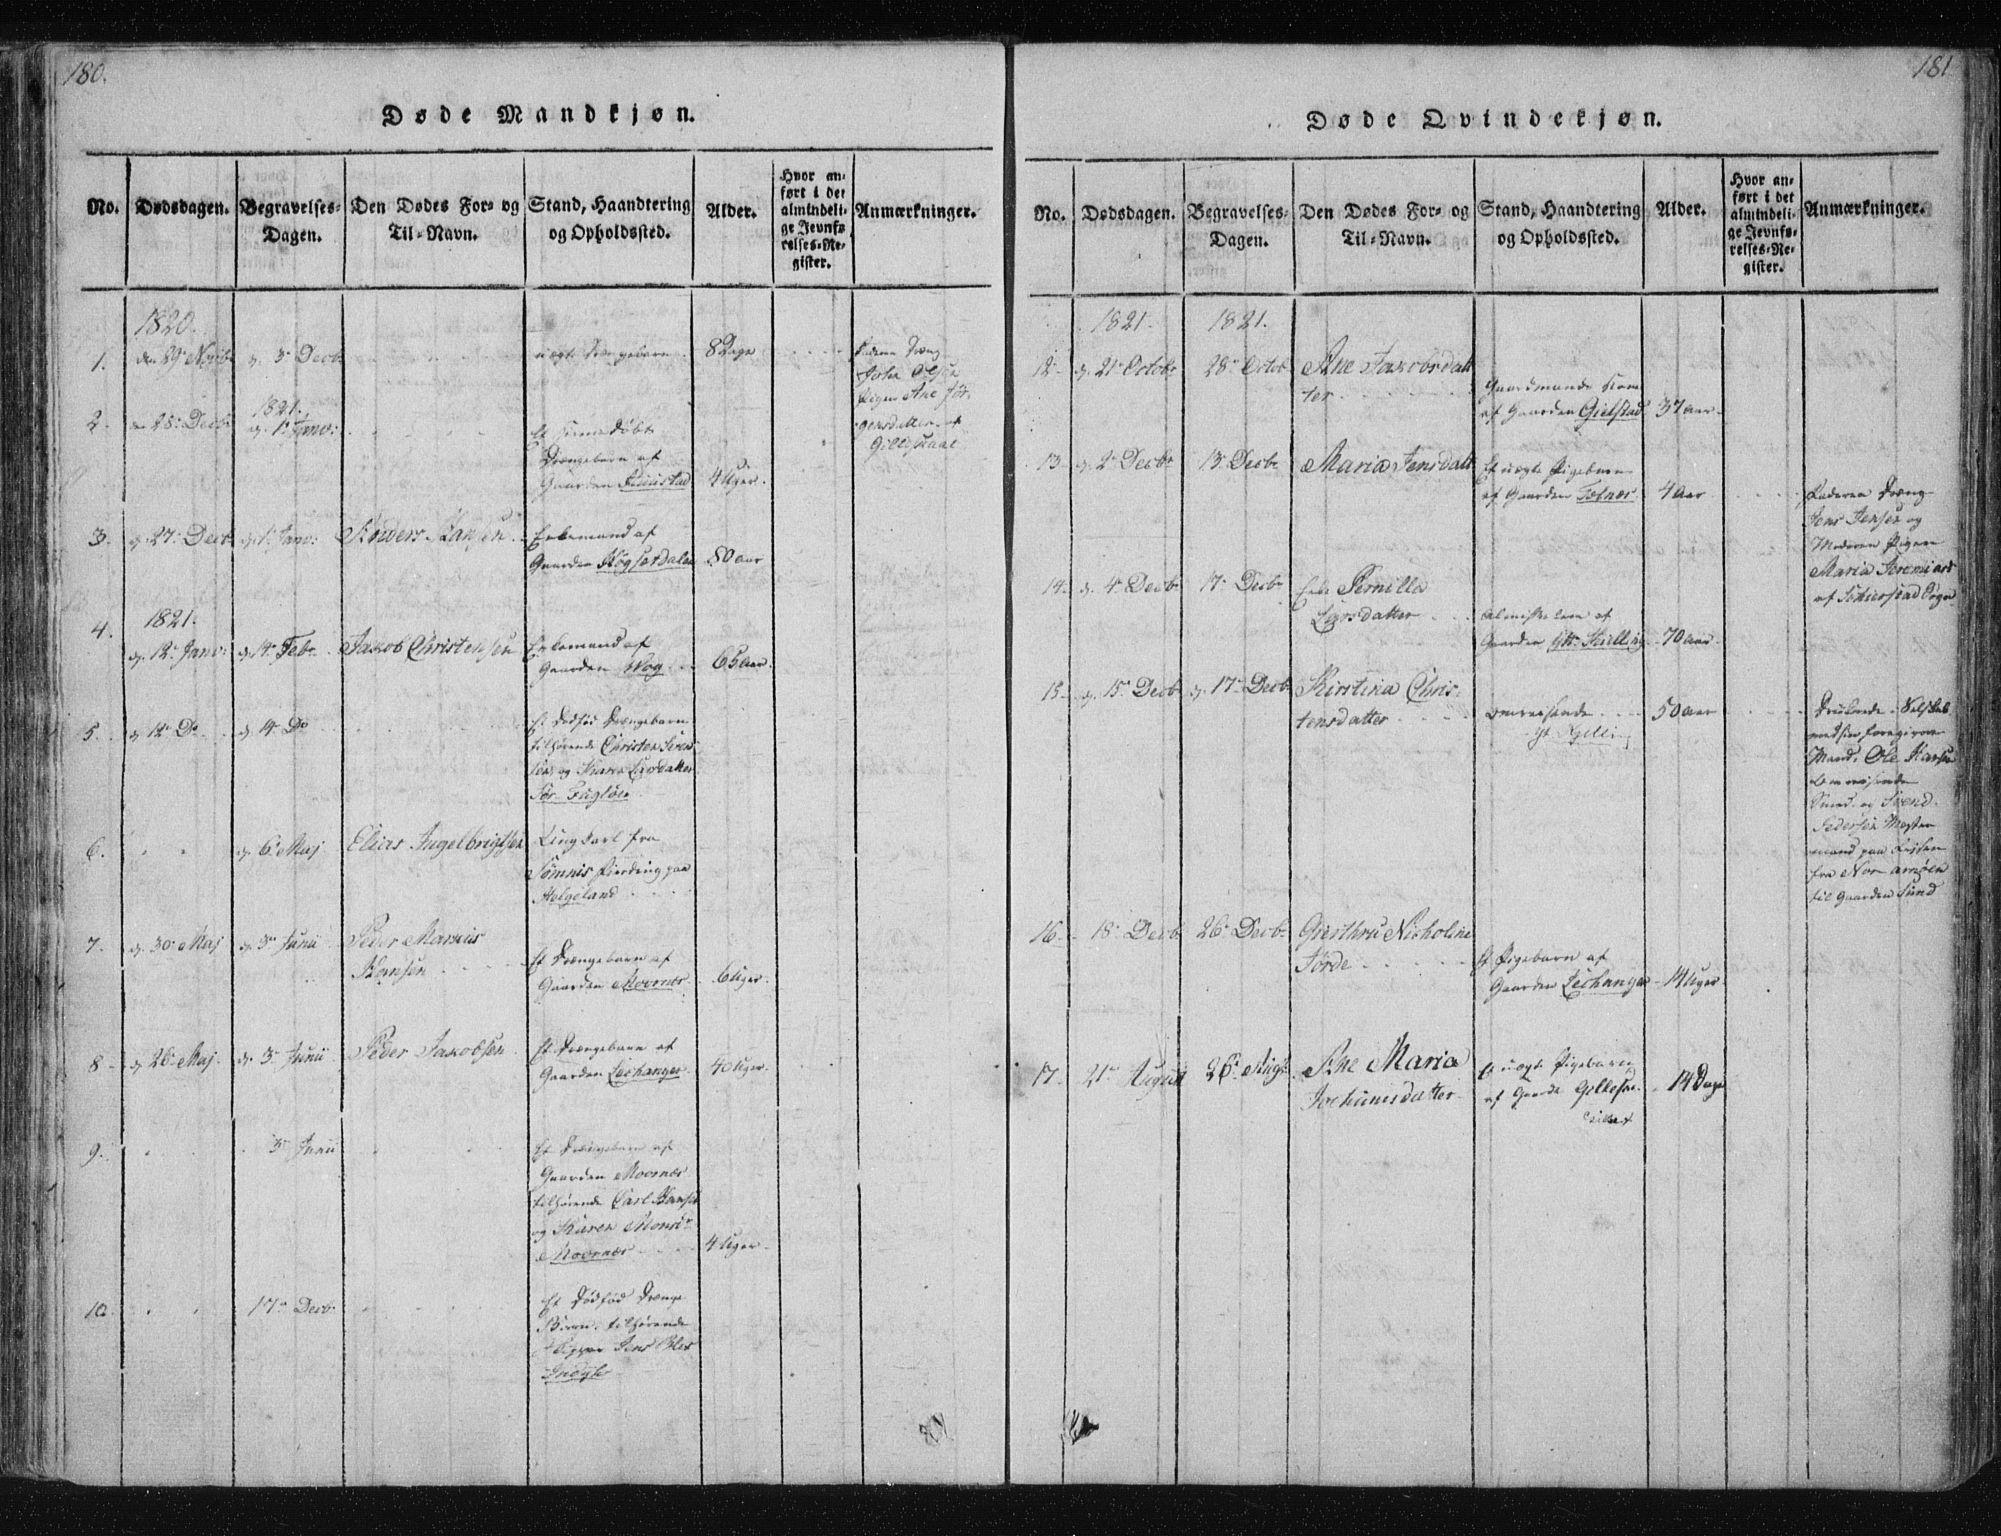 SAT, Ministerialprotokoller, klokkerbøker og fødselsregistre - Nordland, 805/L0096: Parish register (official) no. 805A03, 1820-1837, p. 180-181